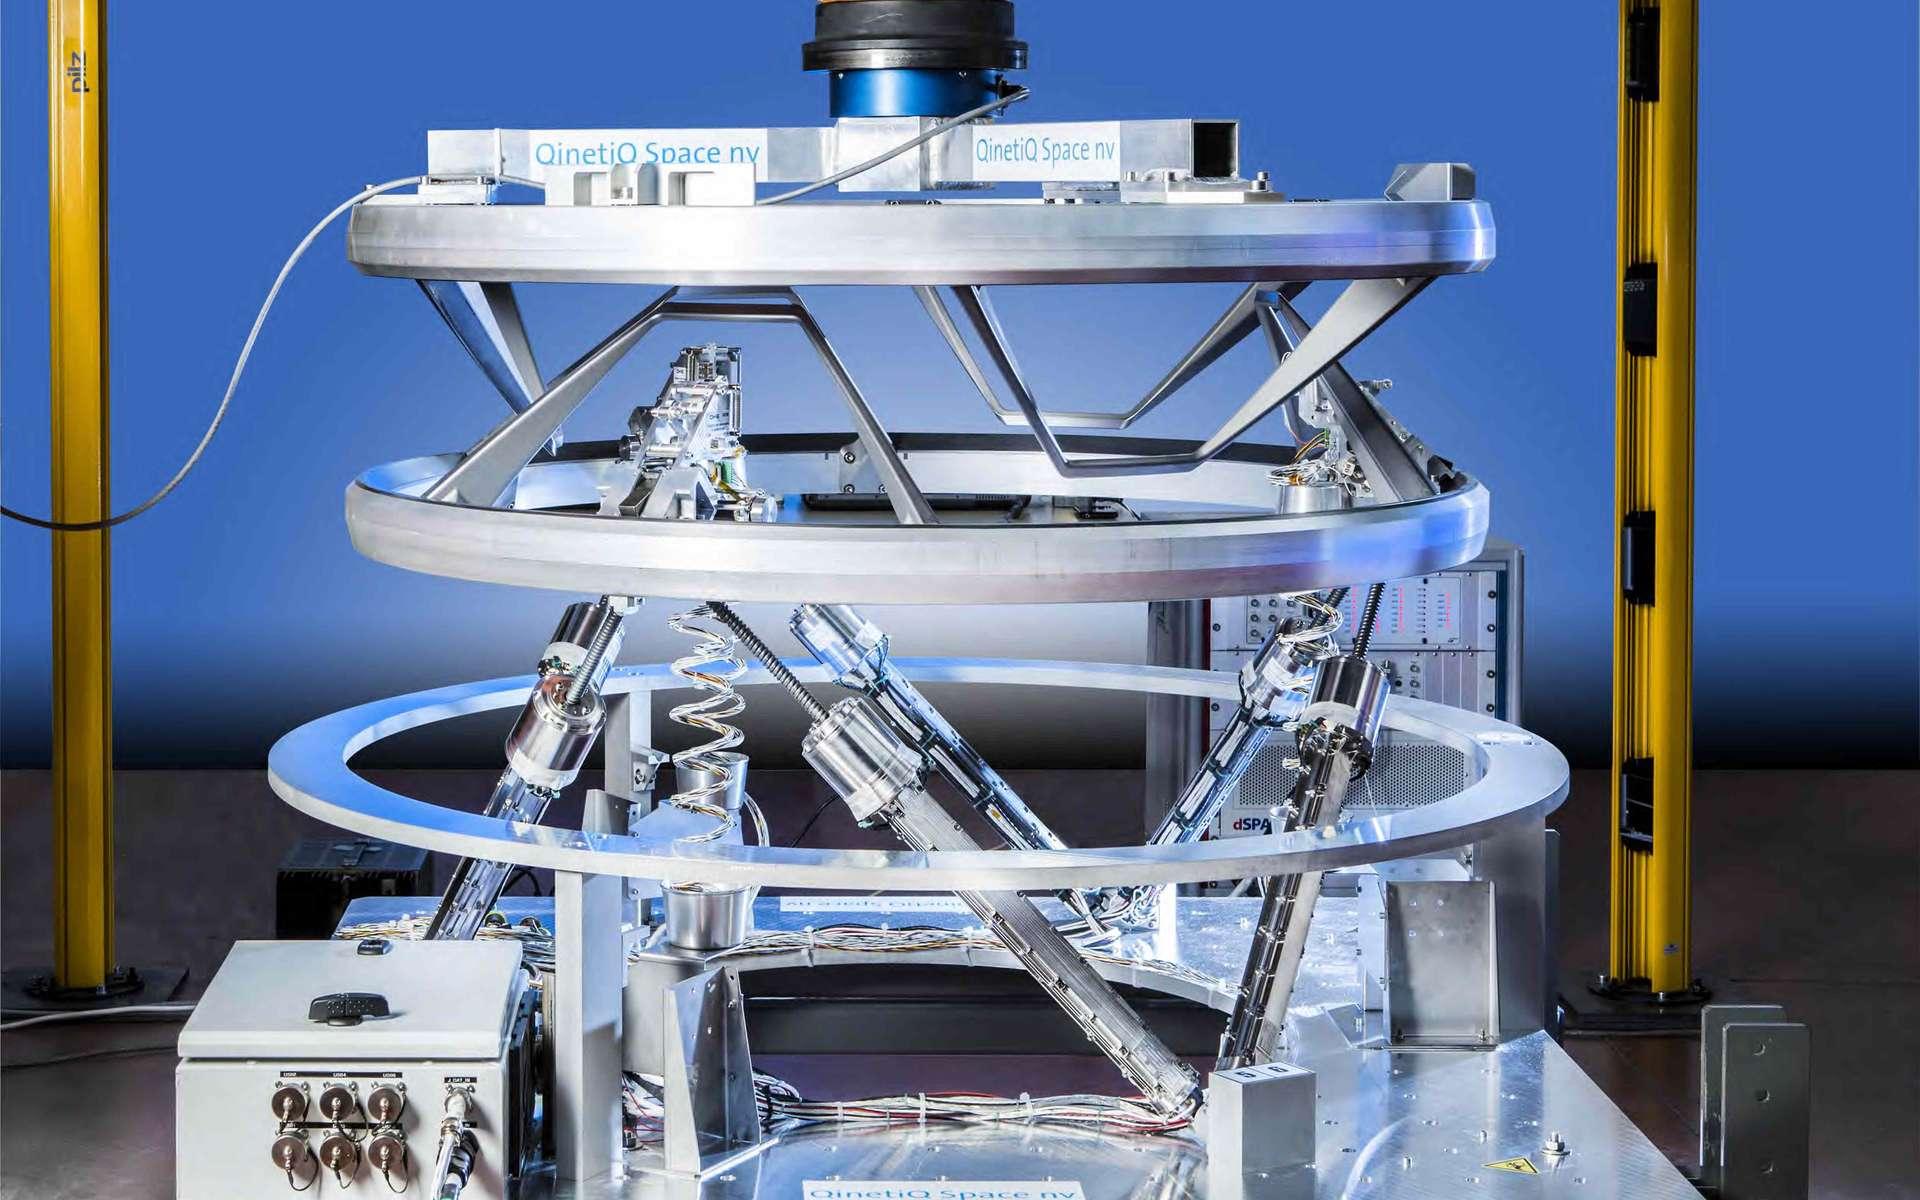 L'IBDM est un système d'accostage et d'amarrage de véhicules spatiaux. Son principal attrait (outre ses standards universels) : il permet de s'accrocher à l'ISS quelles que soient la masse et la vitesse du véhicule. Il est développé par QinetiQ Space nv pour le compte de l'Agence spatiale européenne (Esa). © QinetiQ Space nv